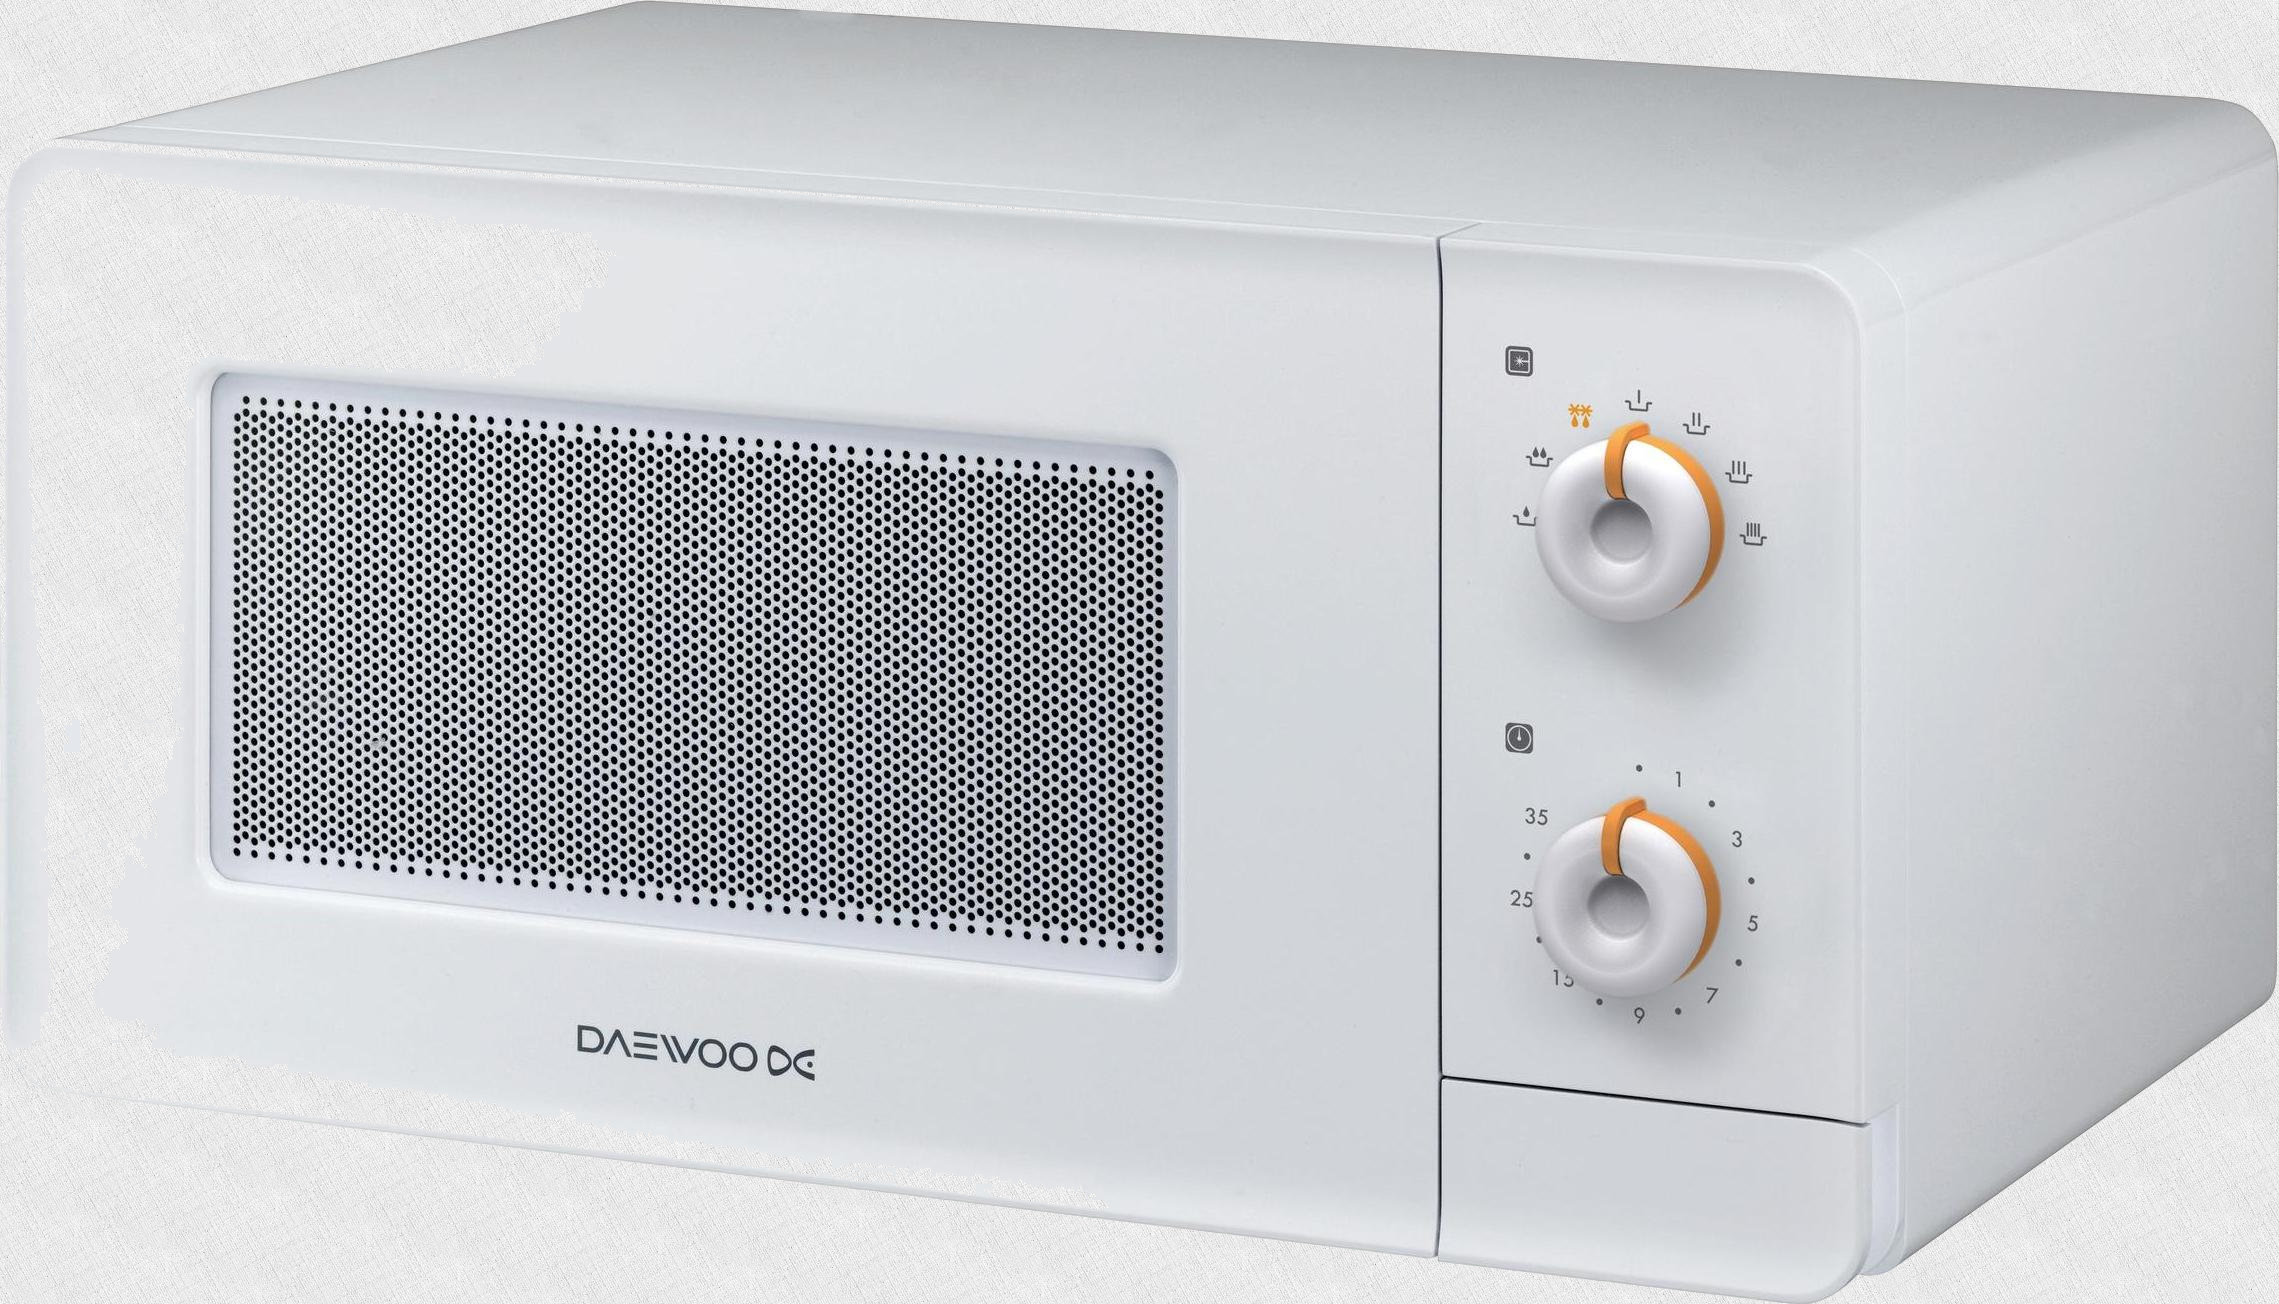 как выбрать Daewoo Electronics KOR-5A37W по советам профессионалов